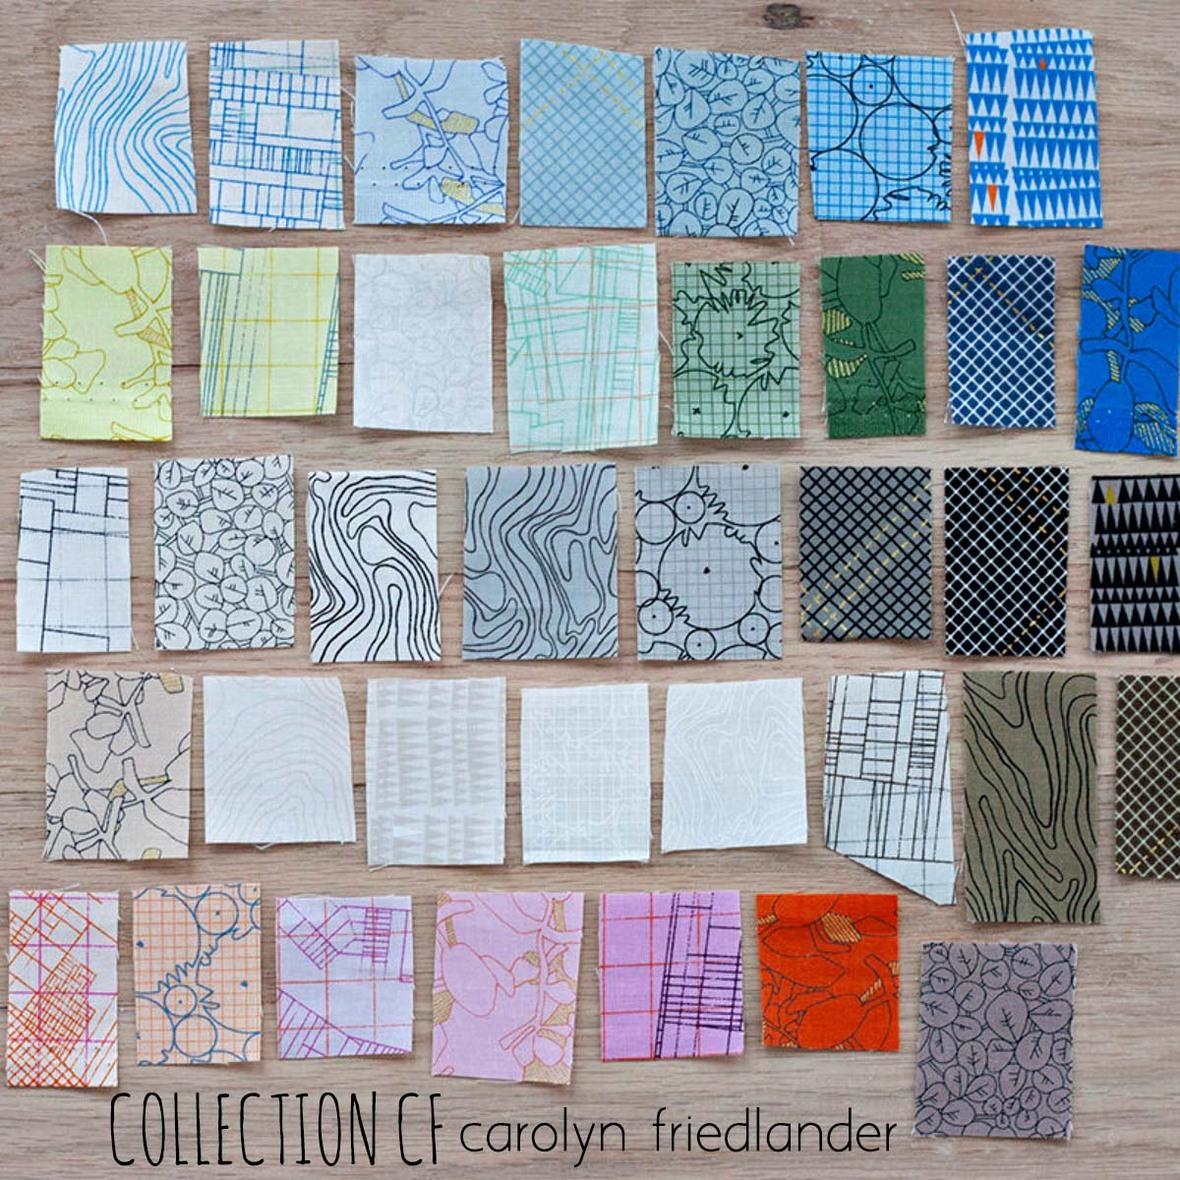 Carolyn Friedlander CF Fabric at Hawthorne Supply Co